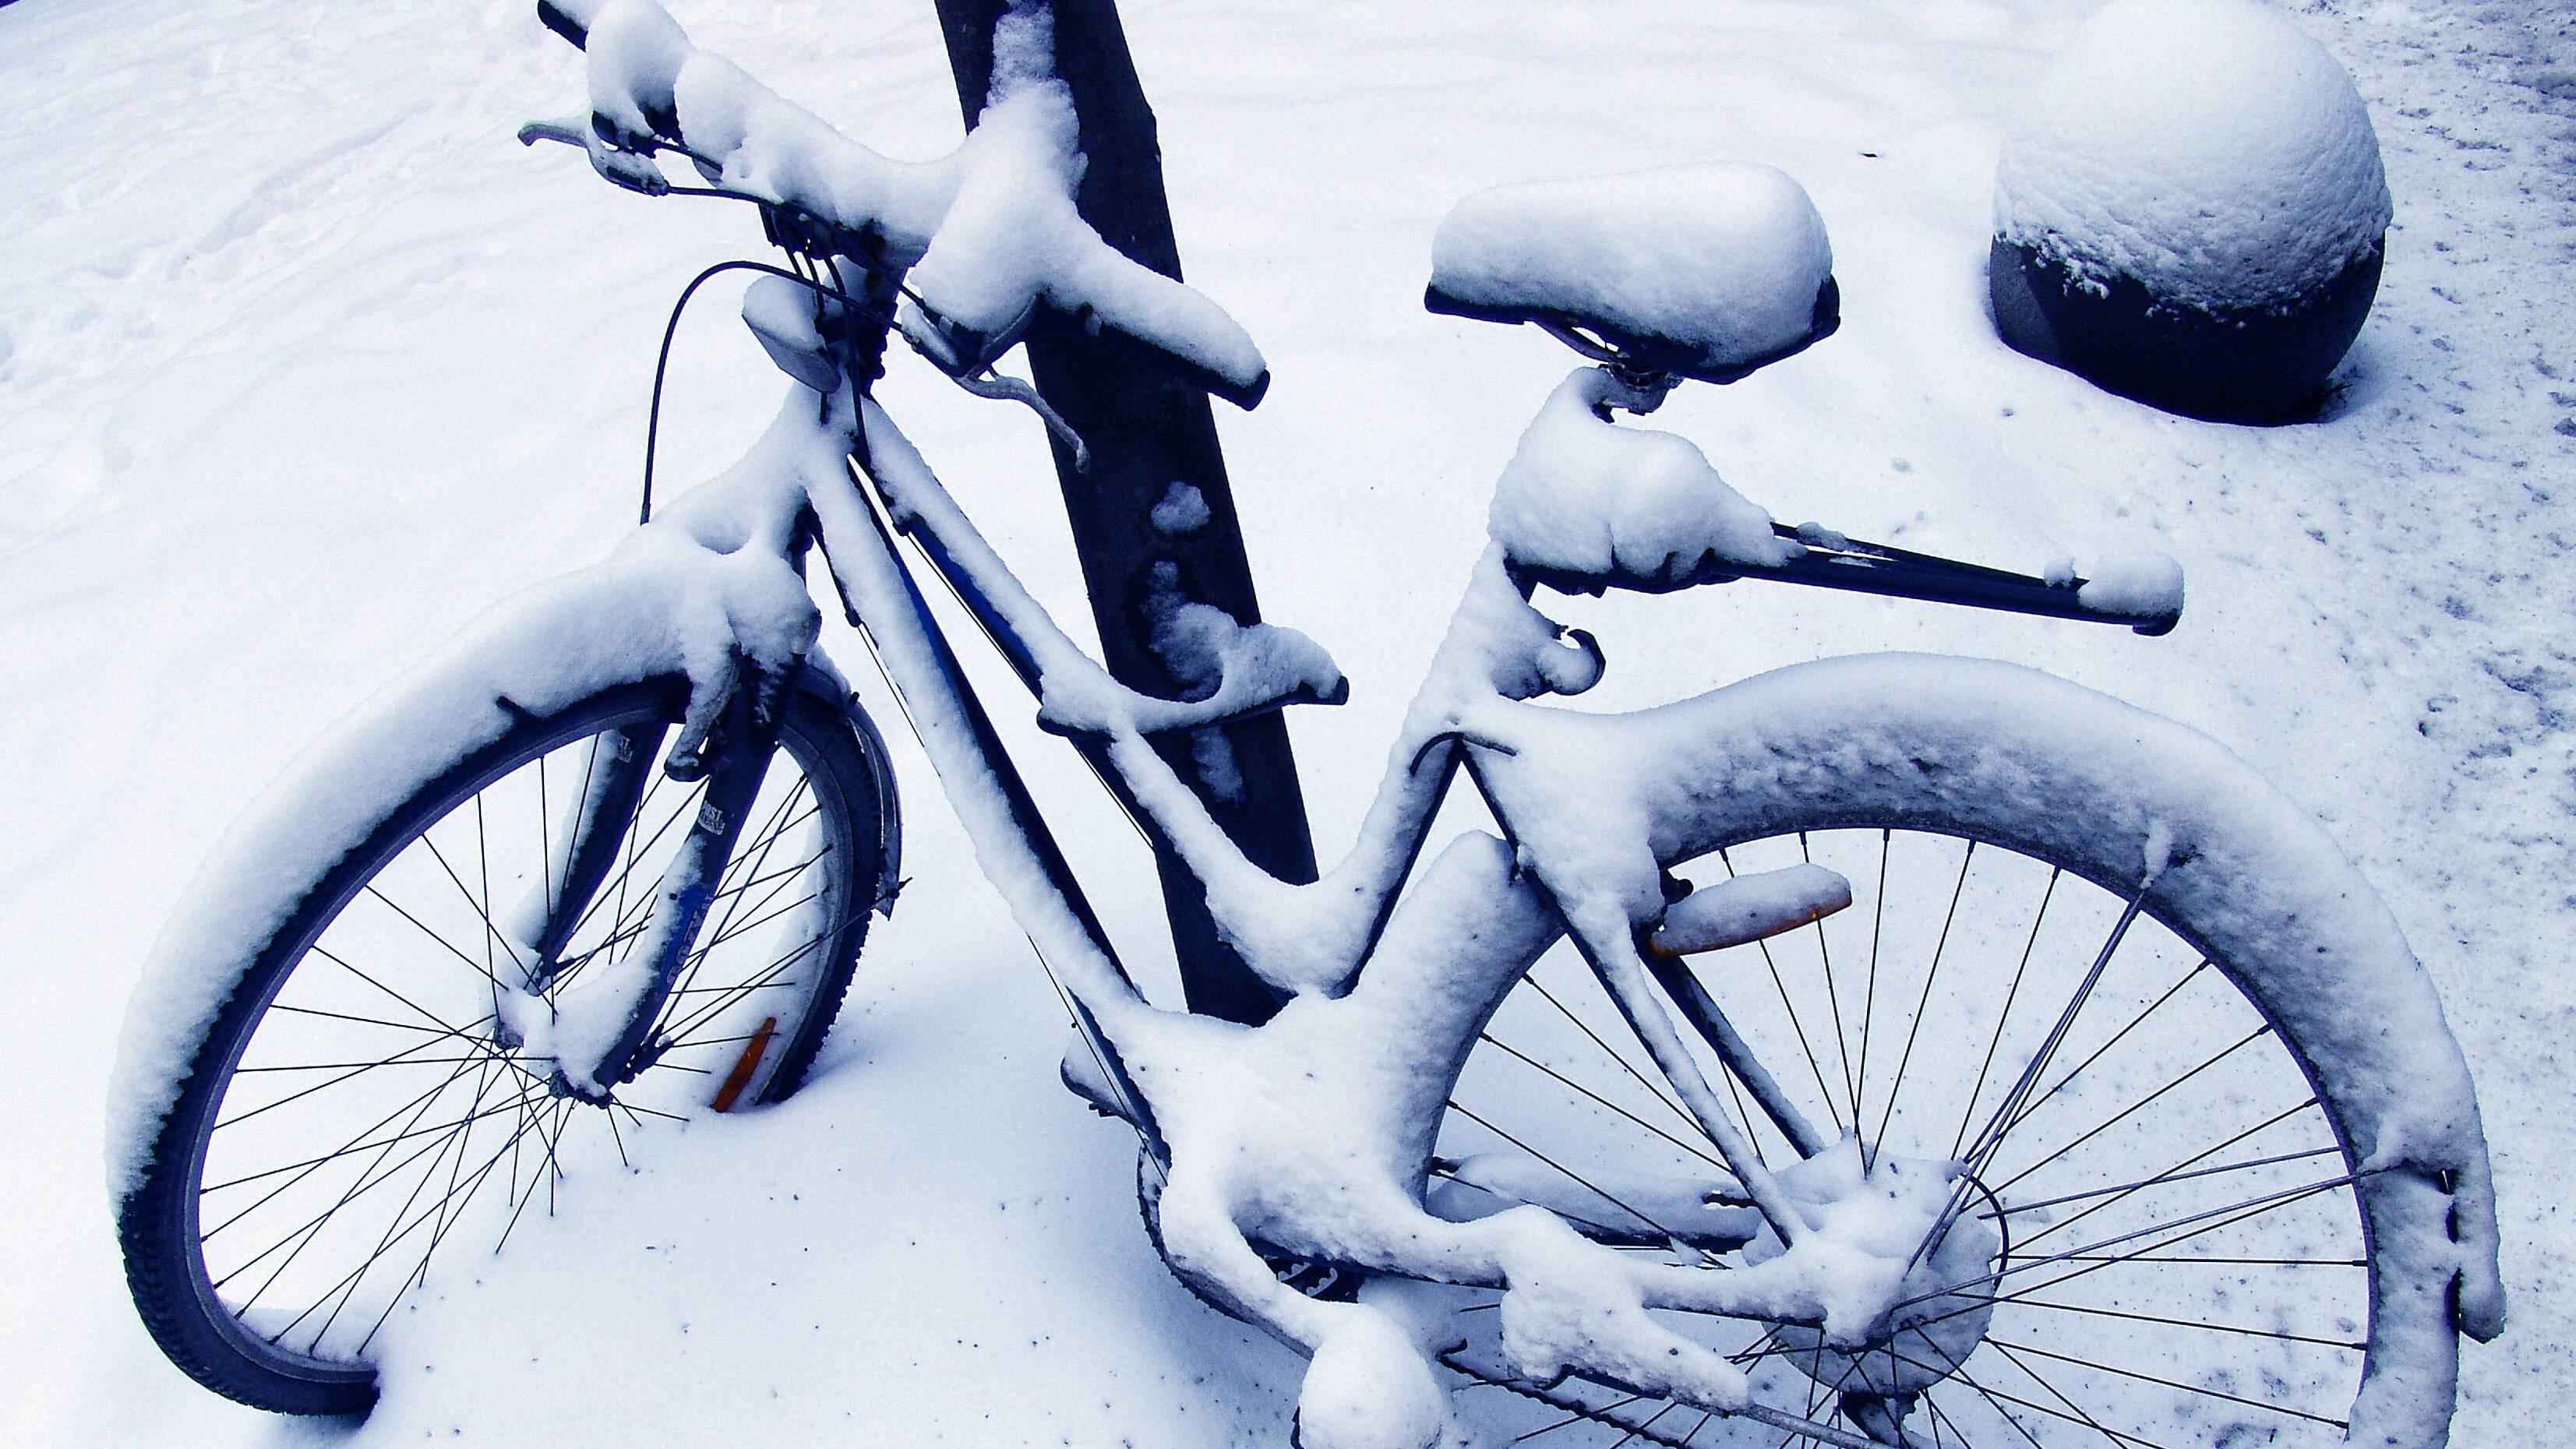 Fahrrad winterfest machen - die besten Tipps und Tricks